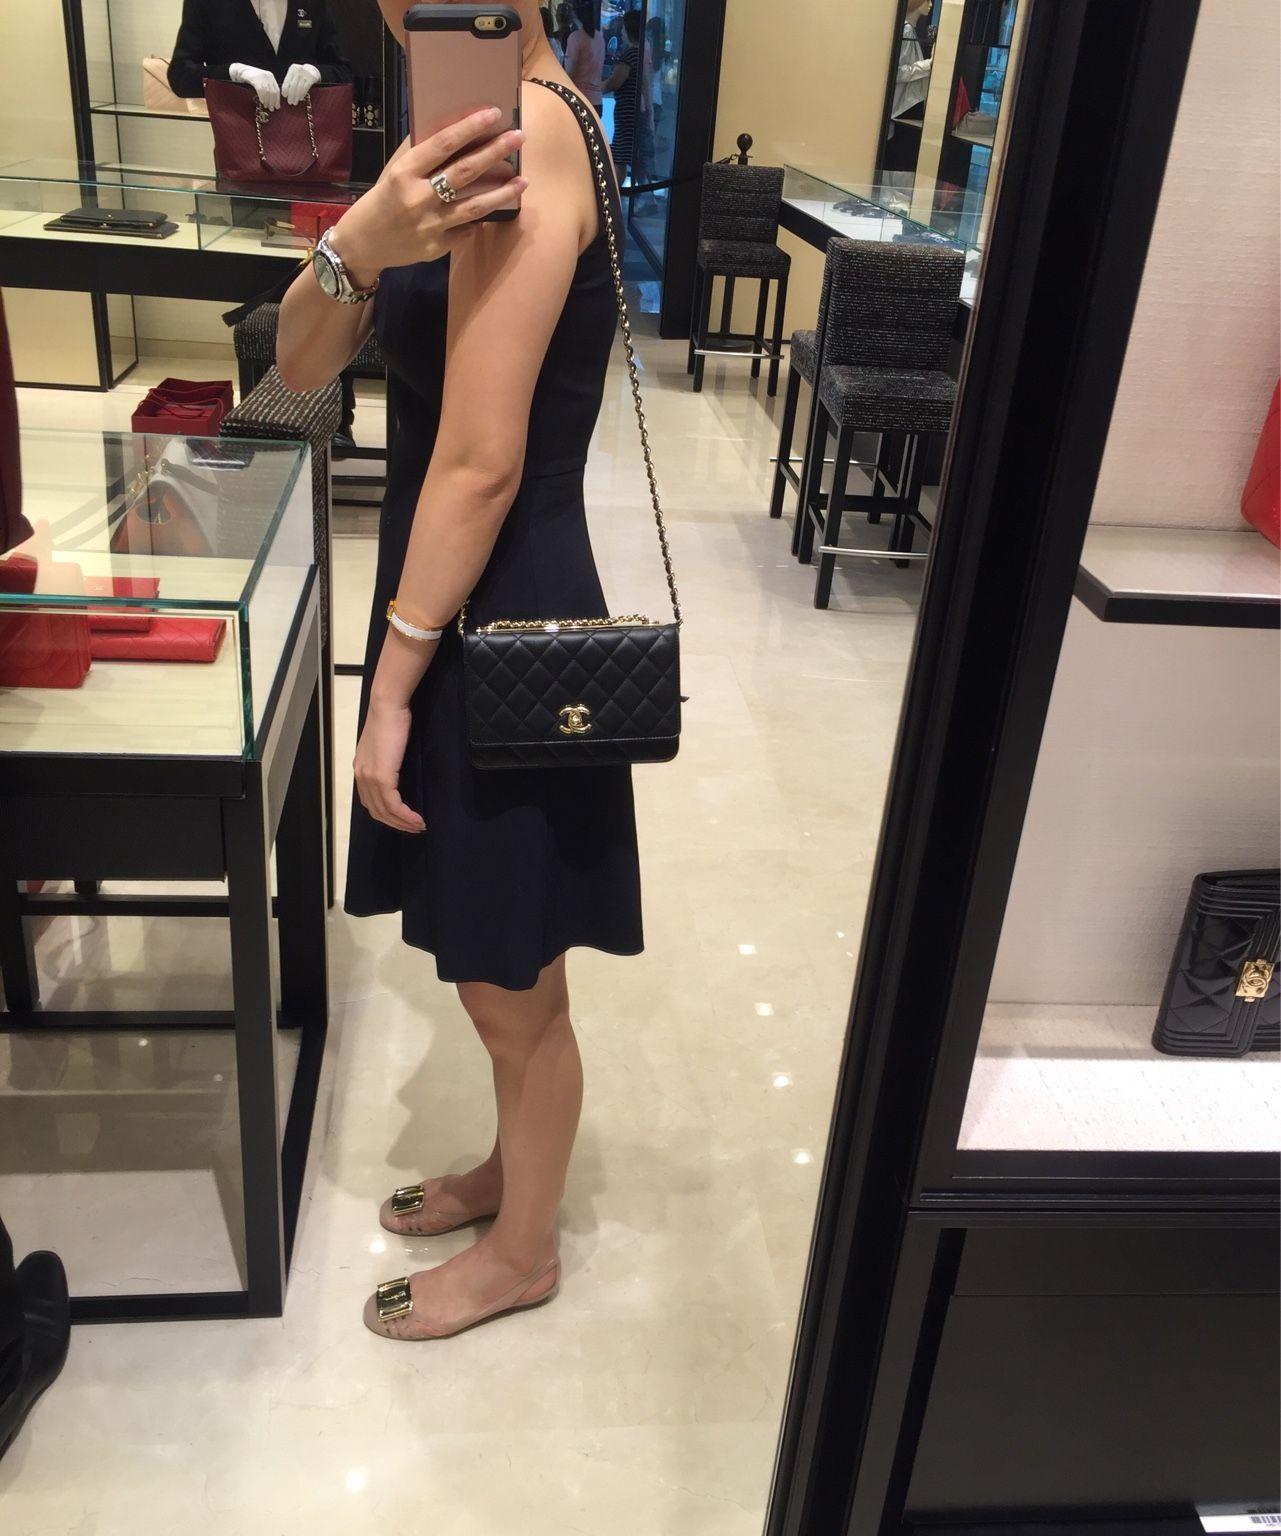 12d40e6d3bc9 Chanel Trendy CC WOC | luxury crave | Chanel woc, Chanel woc boy, Chanel